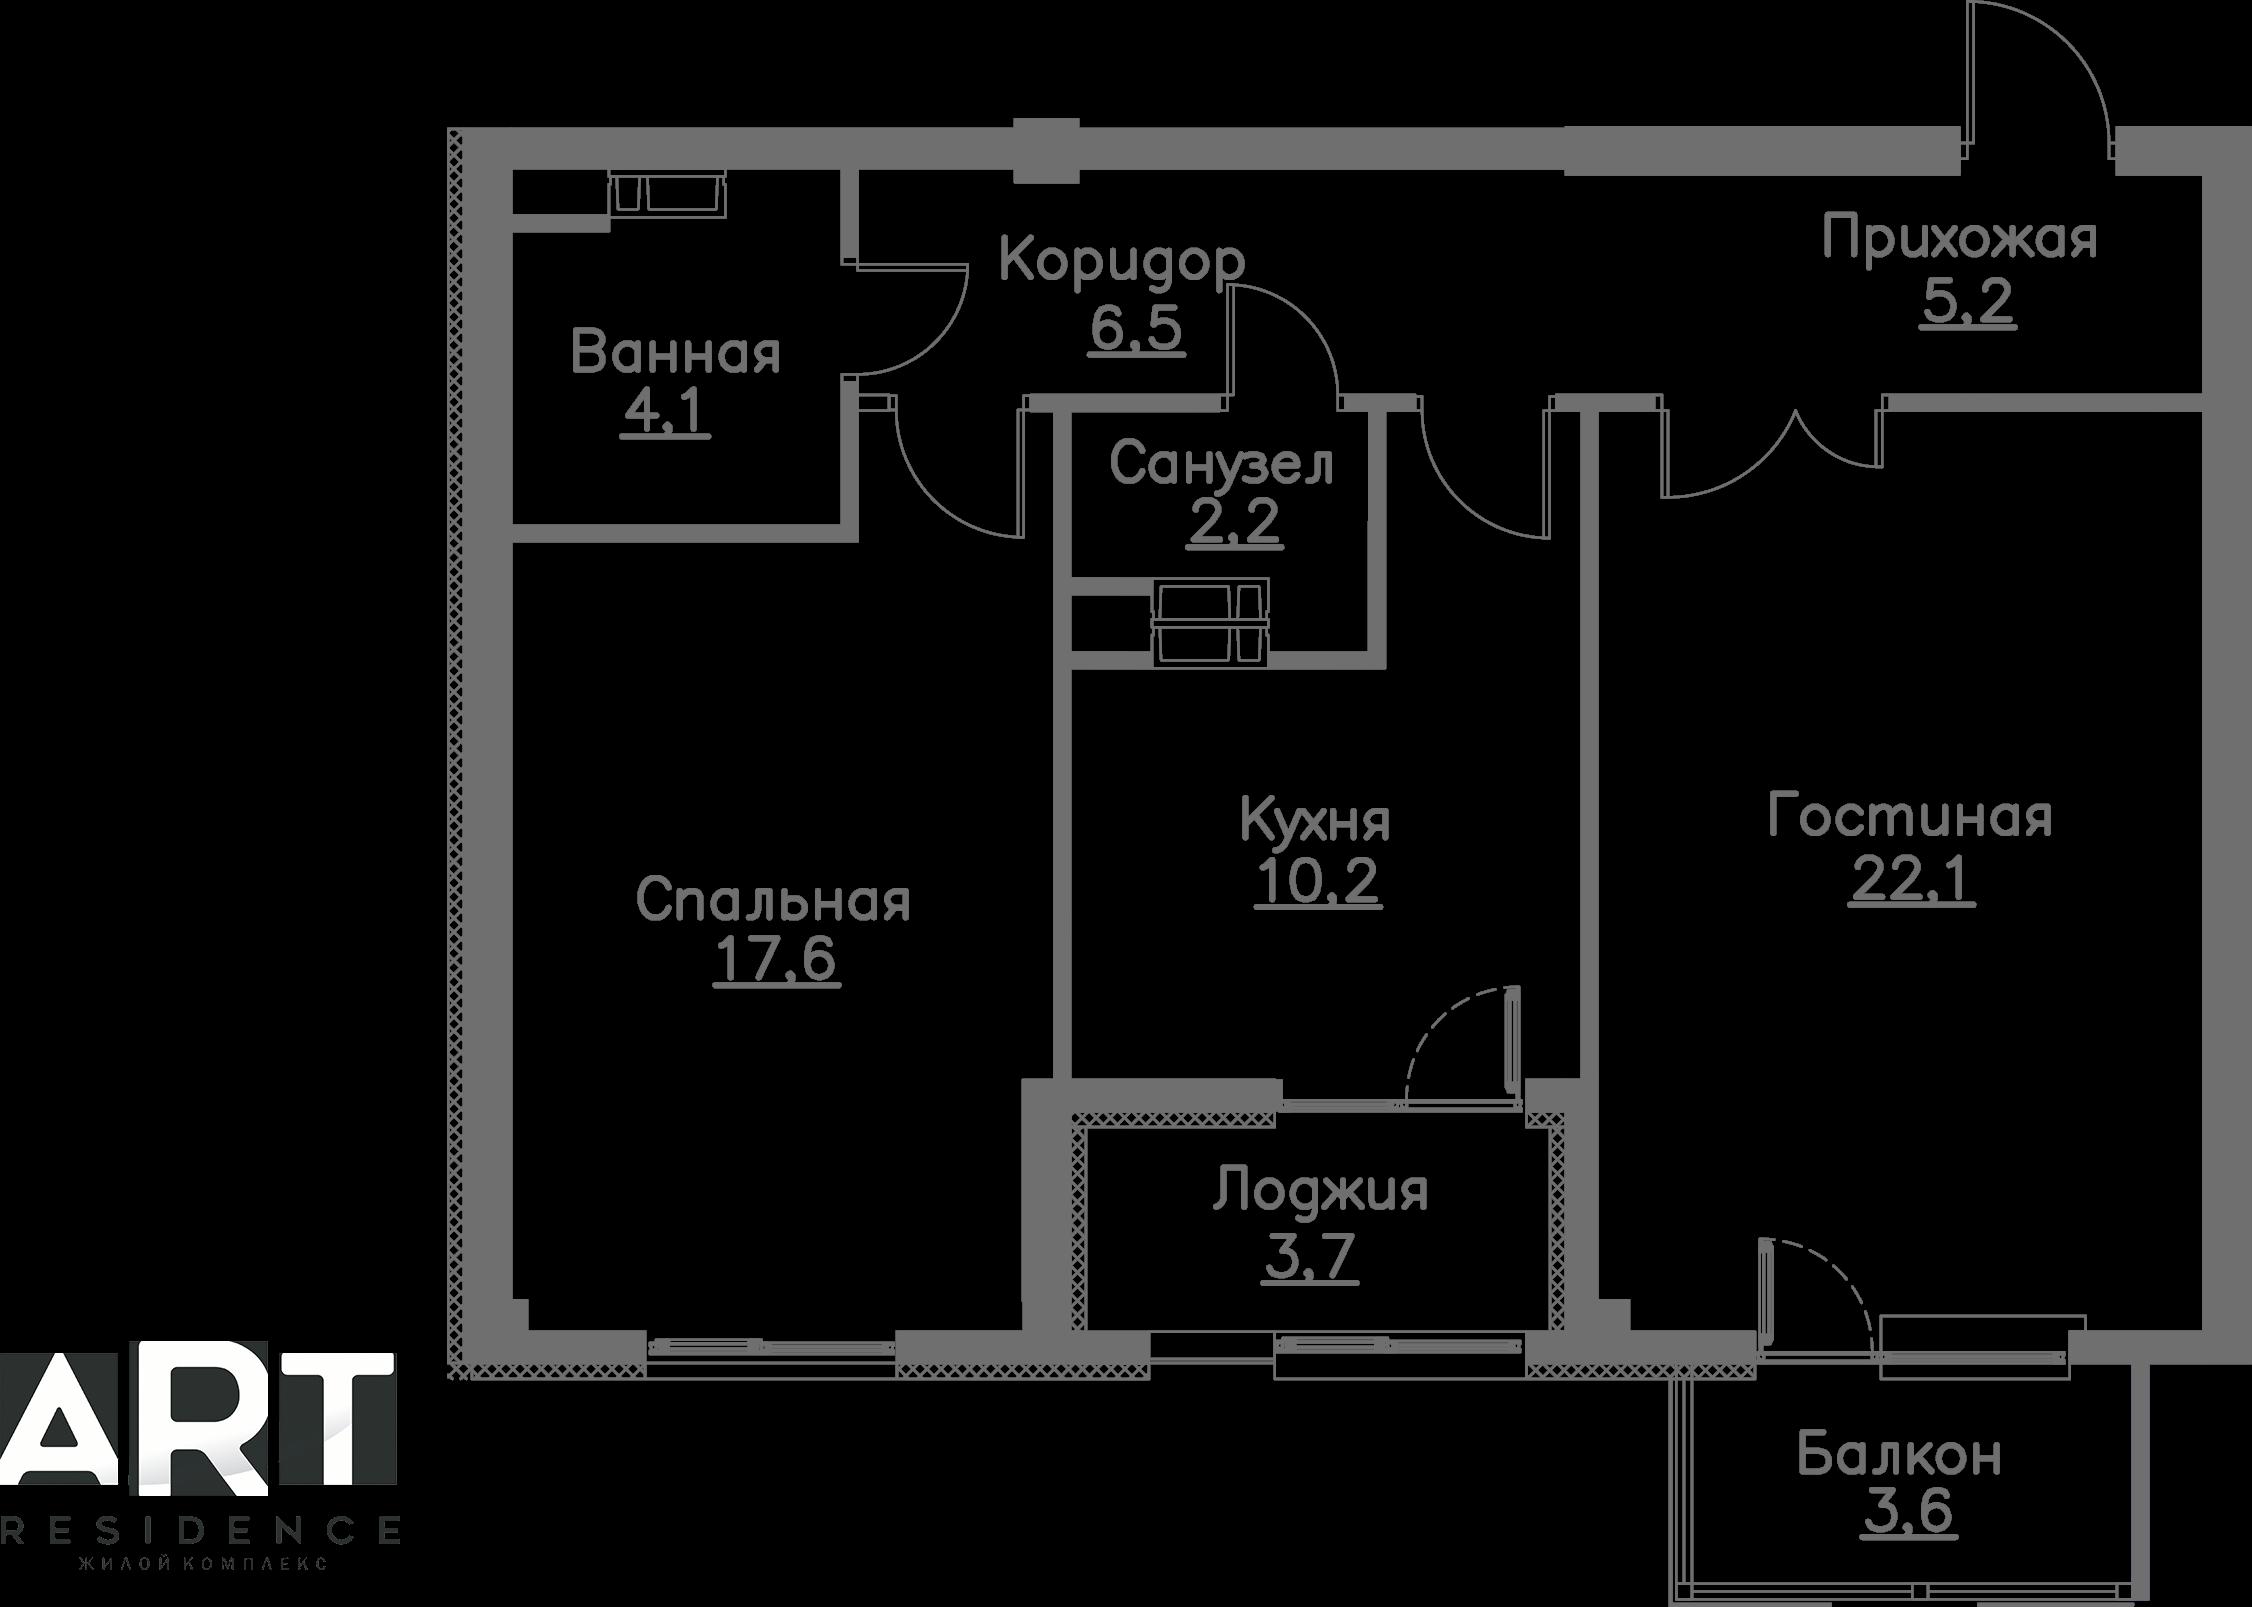 Очередь 2, Квартира 191